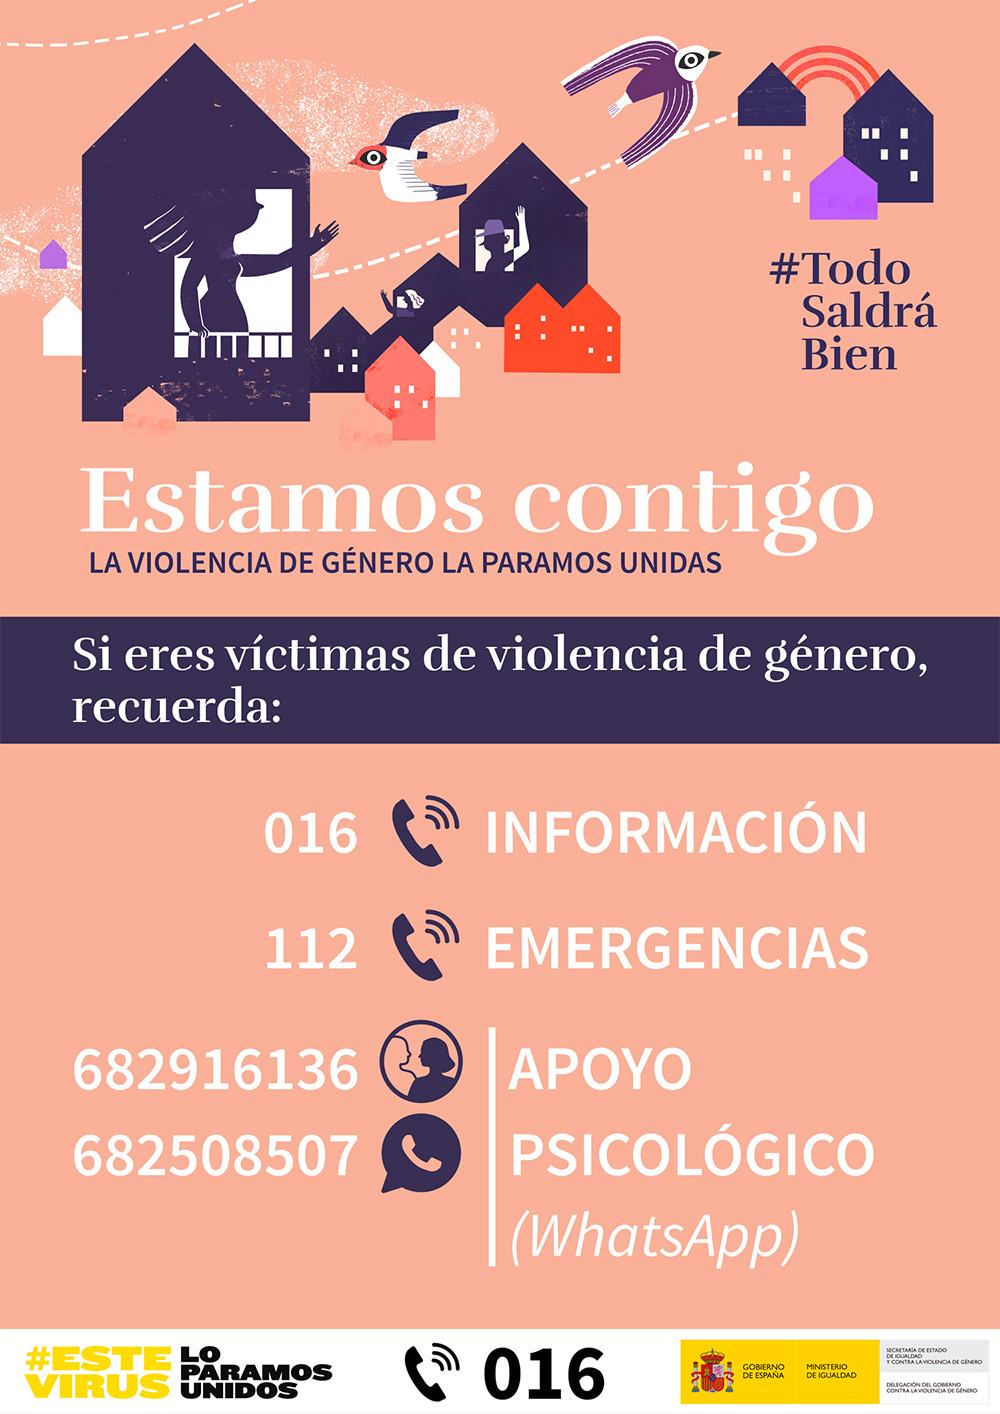 Estamos contigo contra la violencia de género